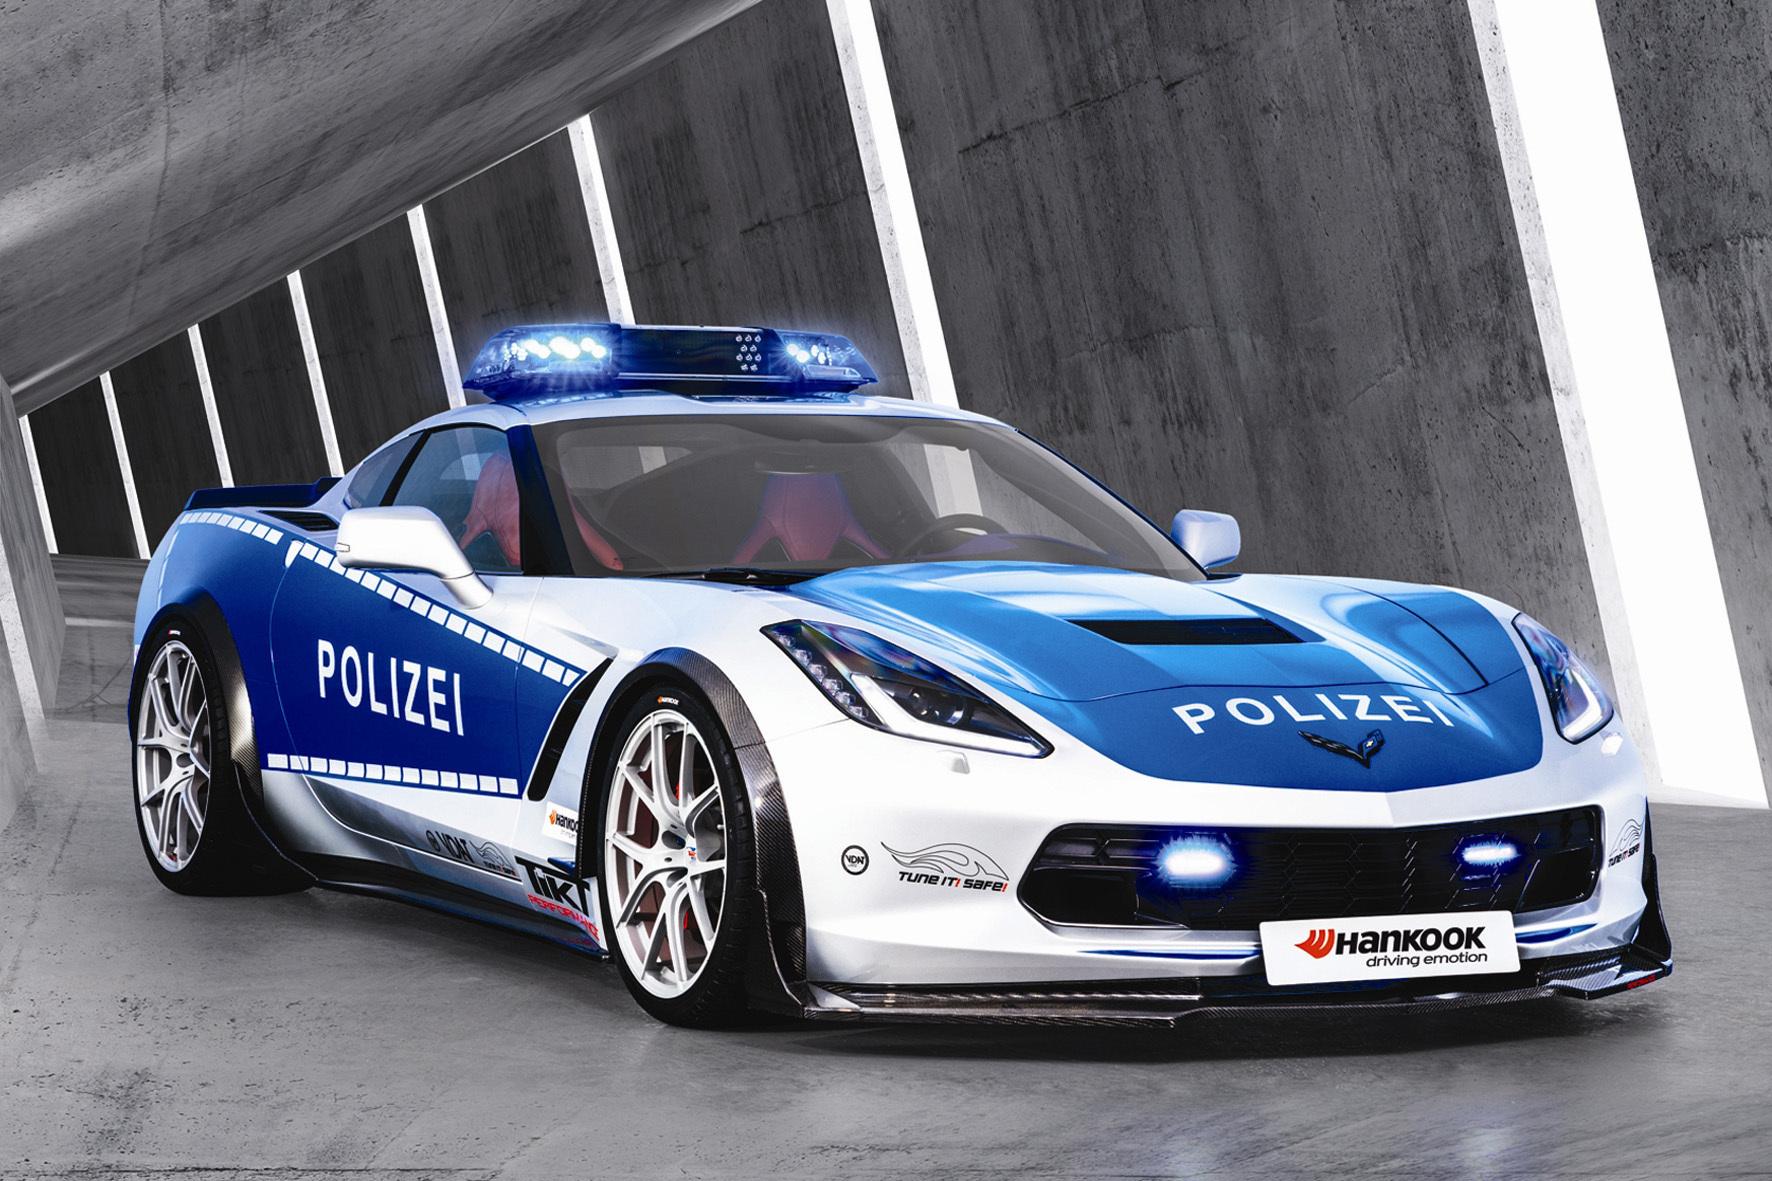 mid Düsseldorf - Bei diesem sportlichen Polizeiauto dürfte so mancher Ganove sein blaues Wunder erleben. Für die passende Bereifung sorgt der im Motorsport seit Jahren erfolgreiche Hersteller Hankook.